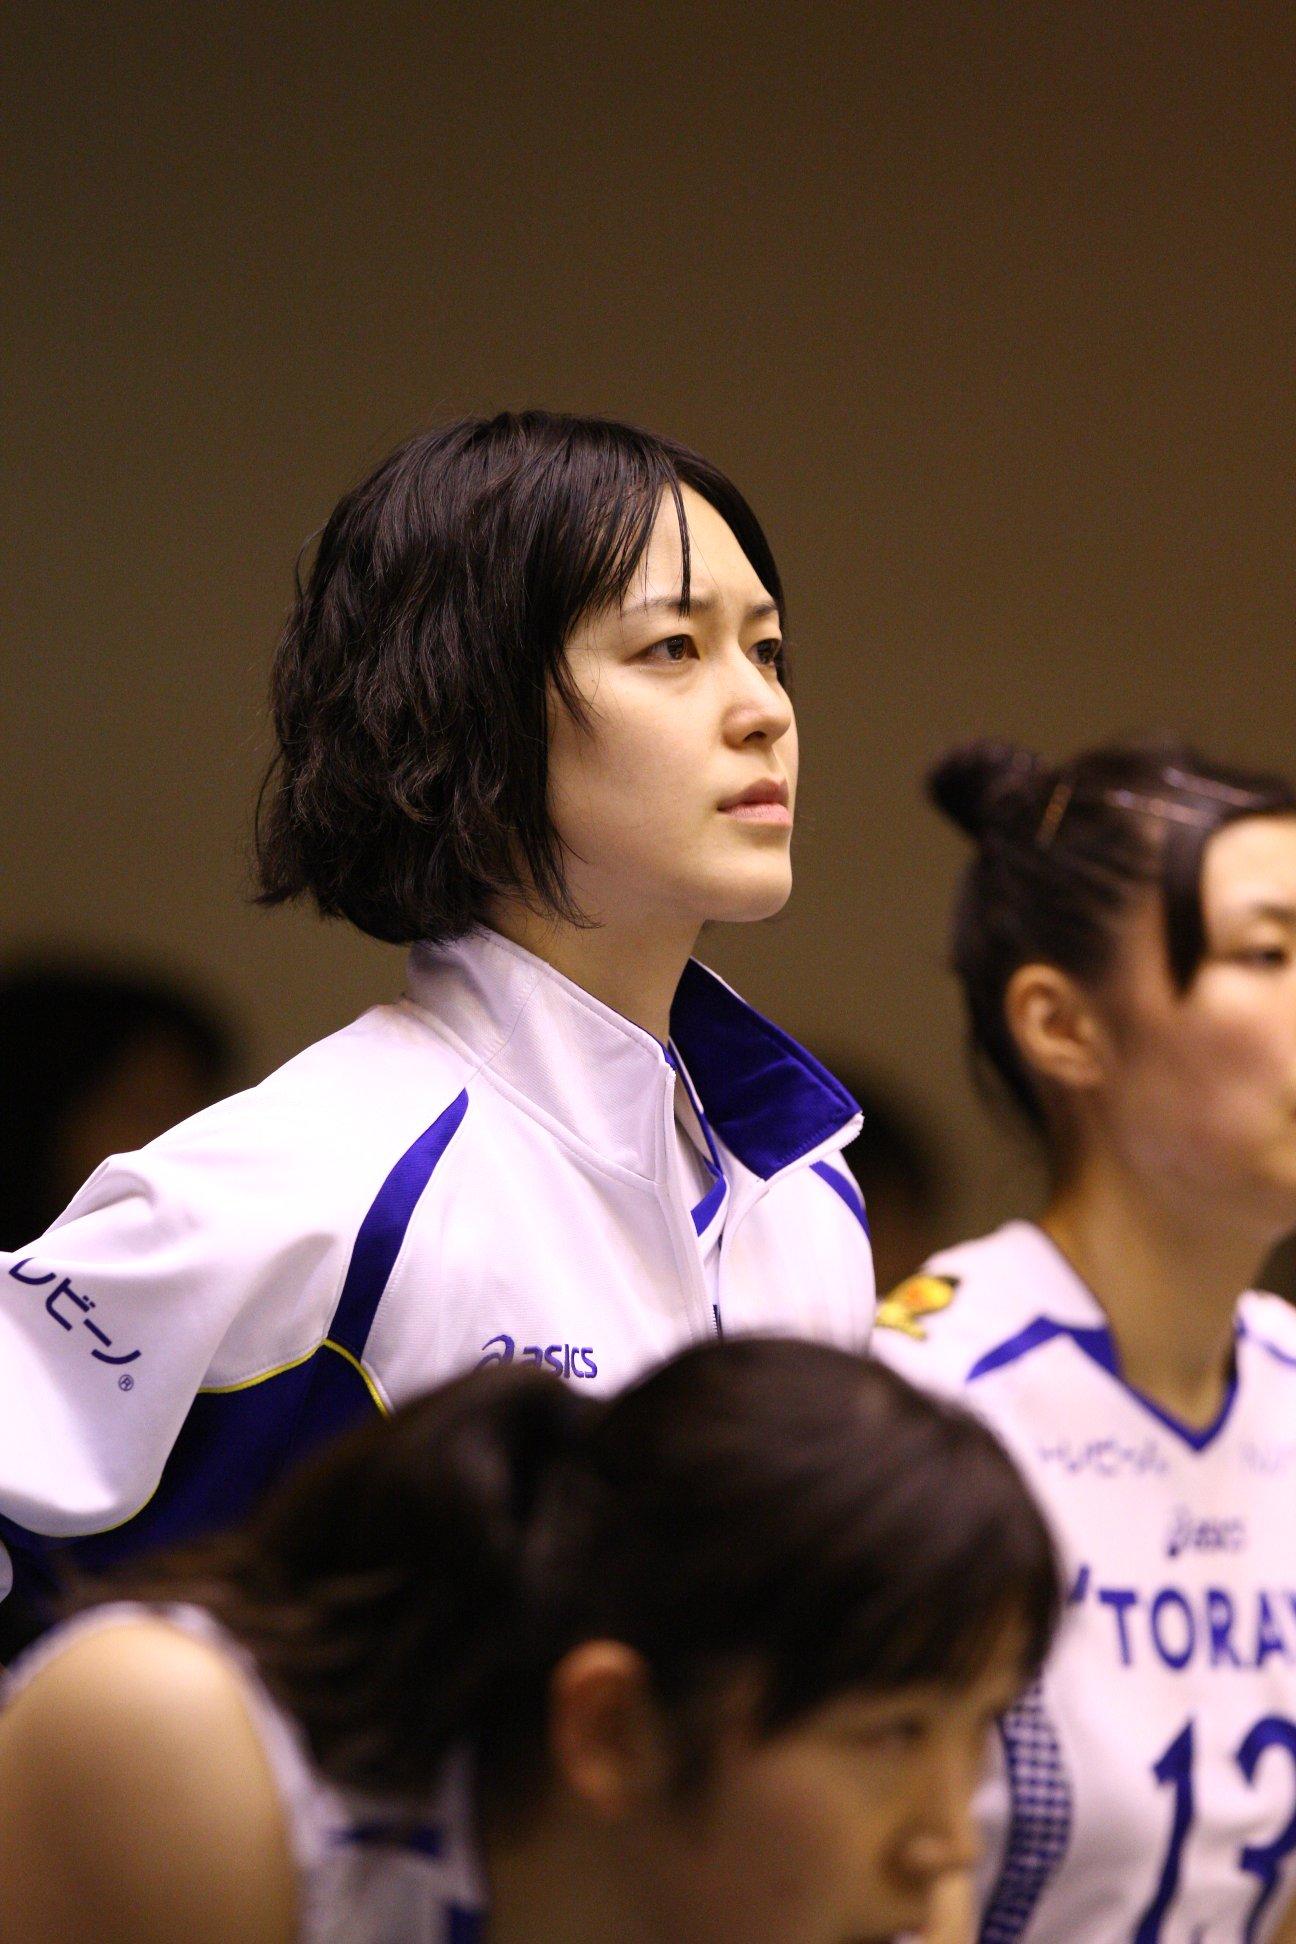 大山加奈の画像 p1_30